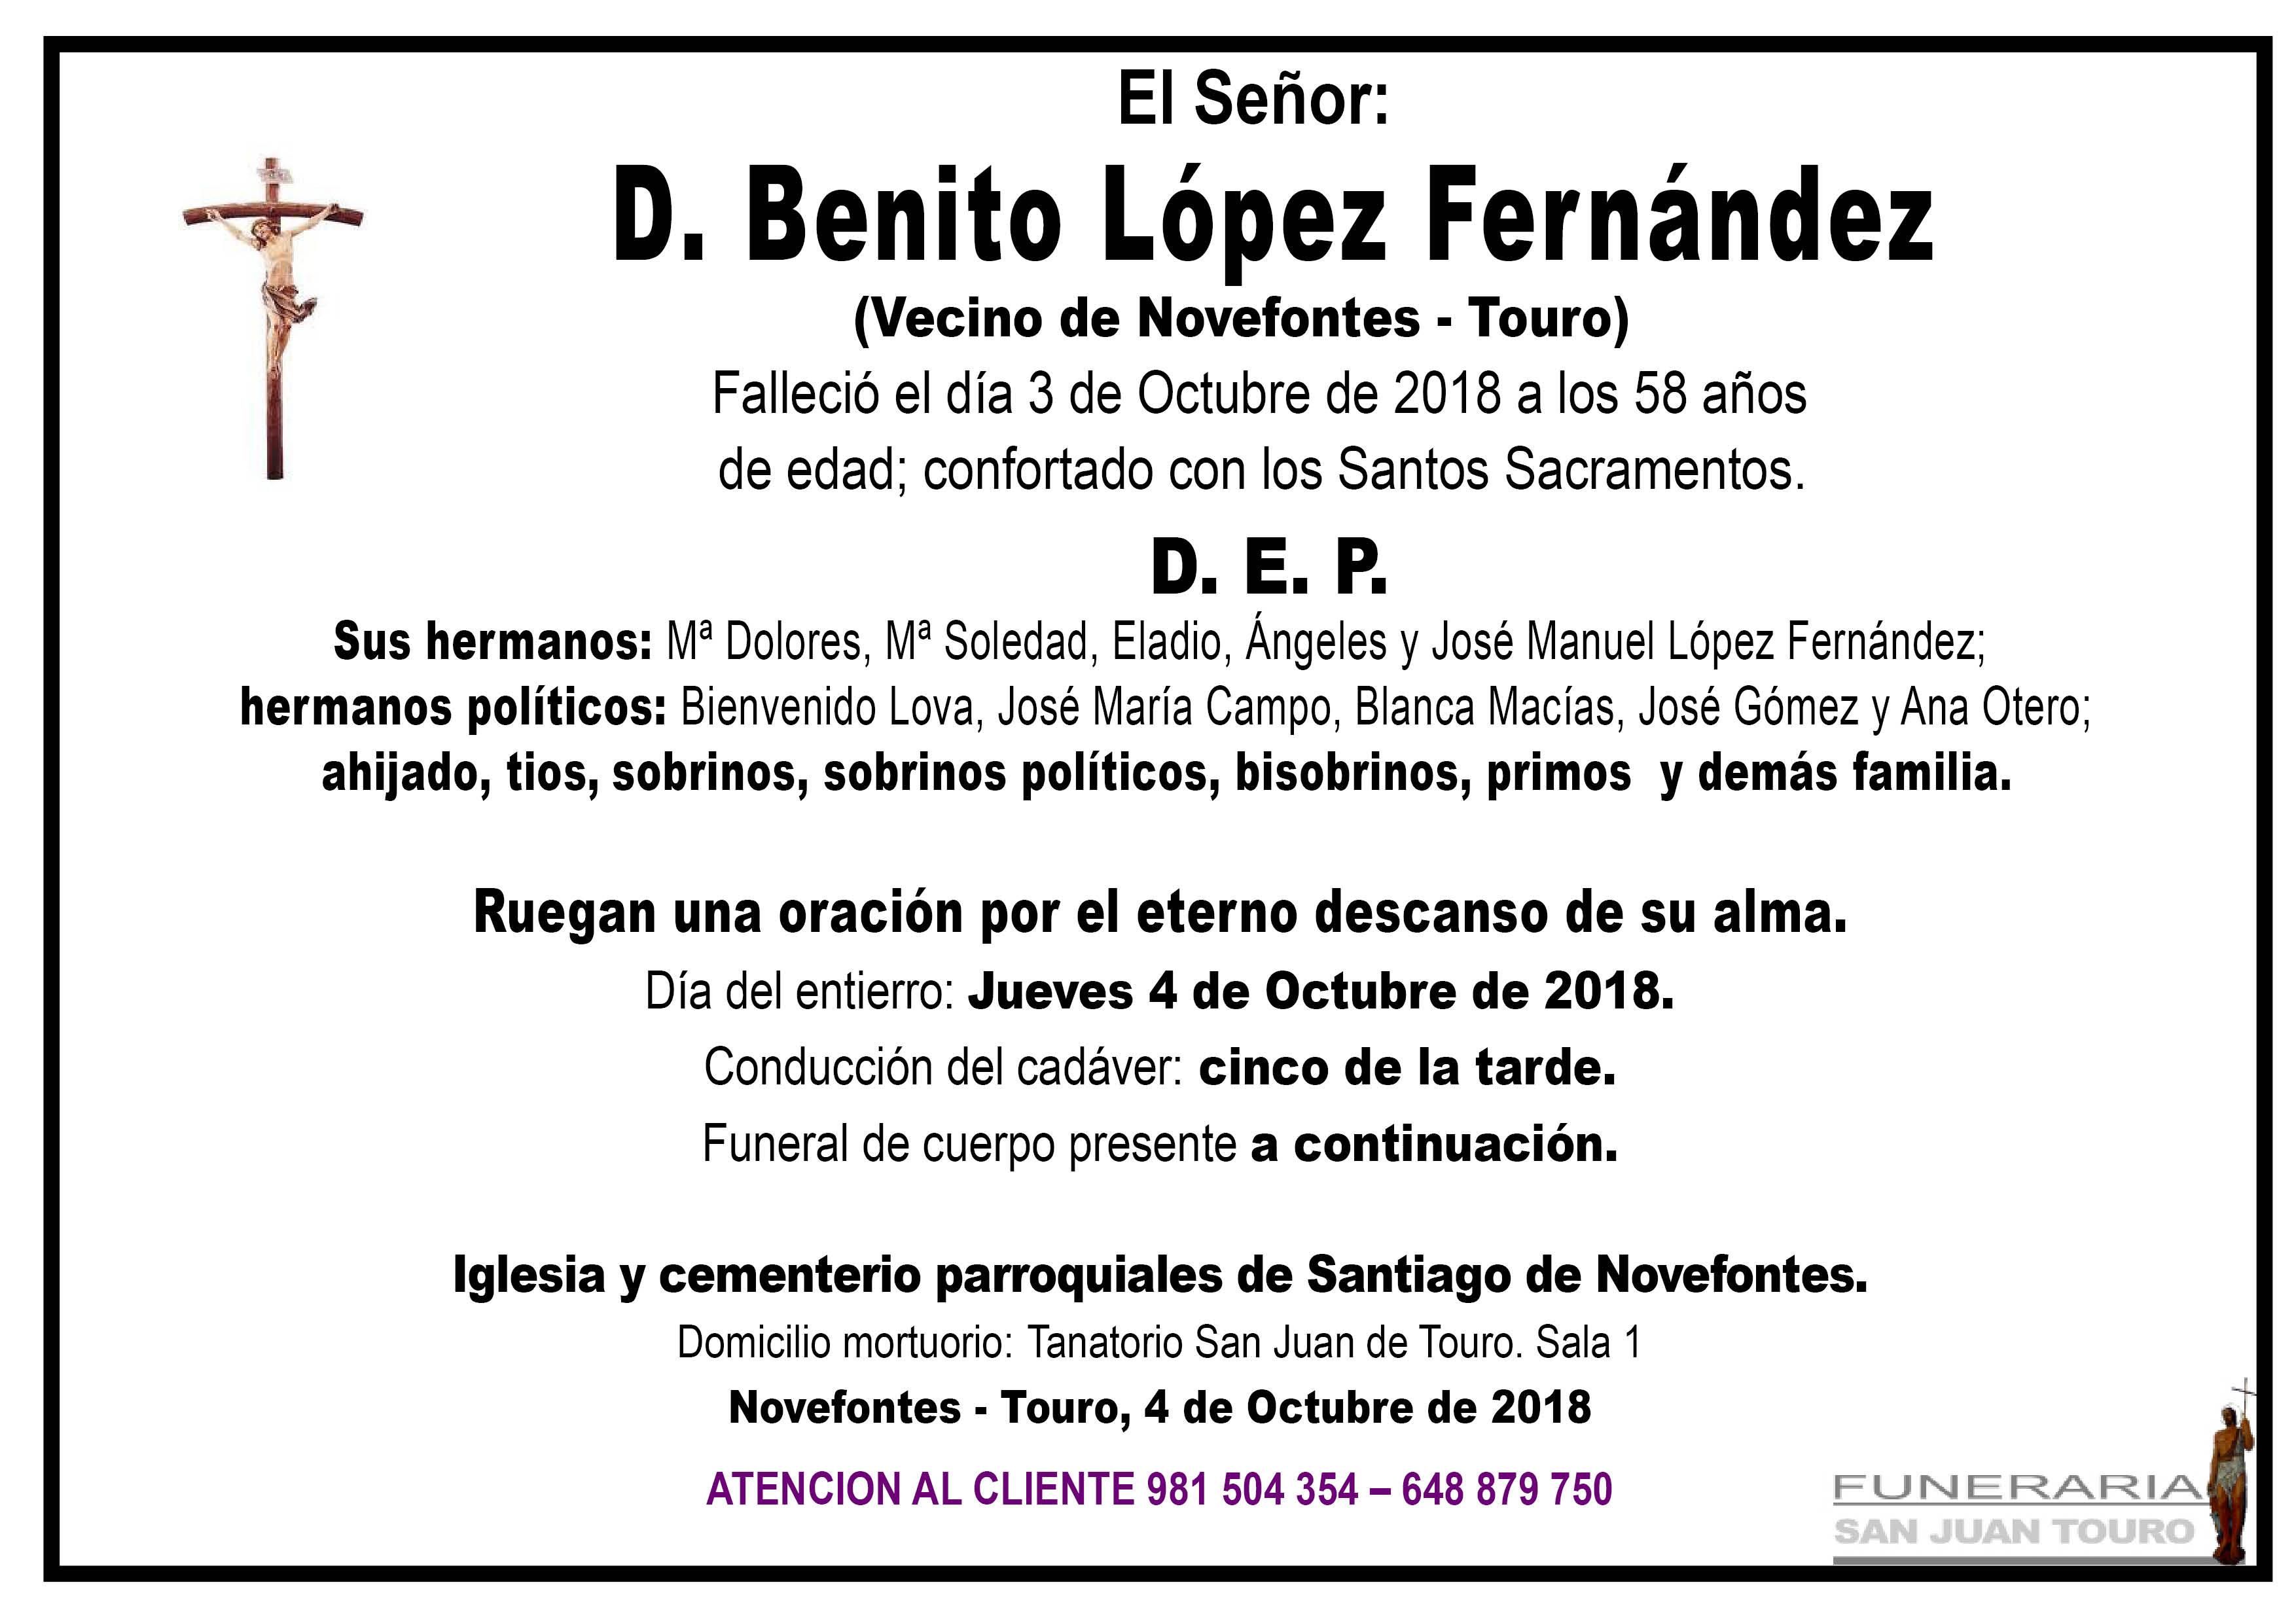 Esquela de SEPELIO DE DON BENITO LÓPEZ FERNÁNDEZ